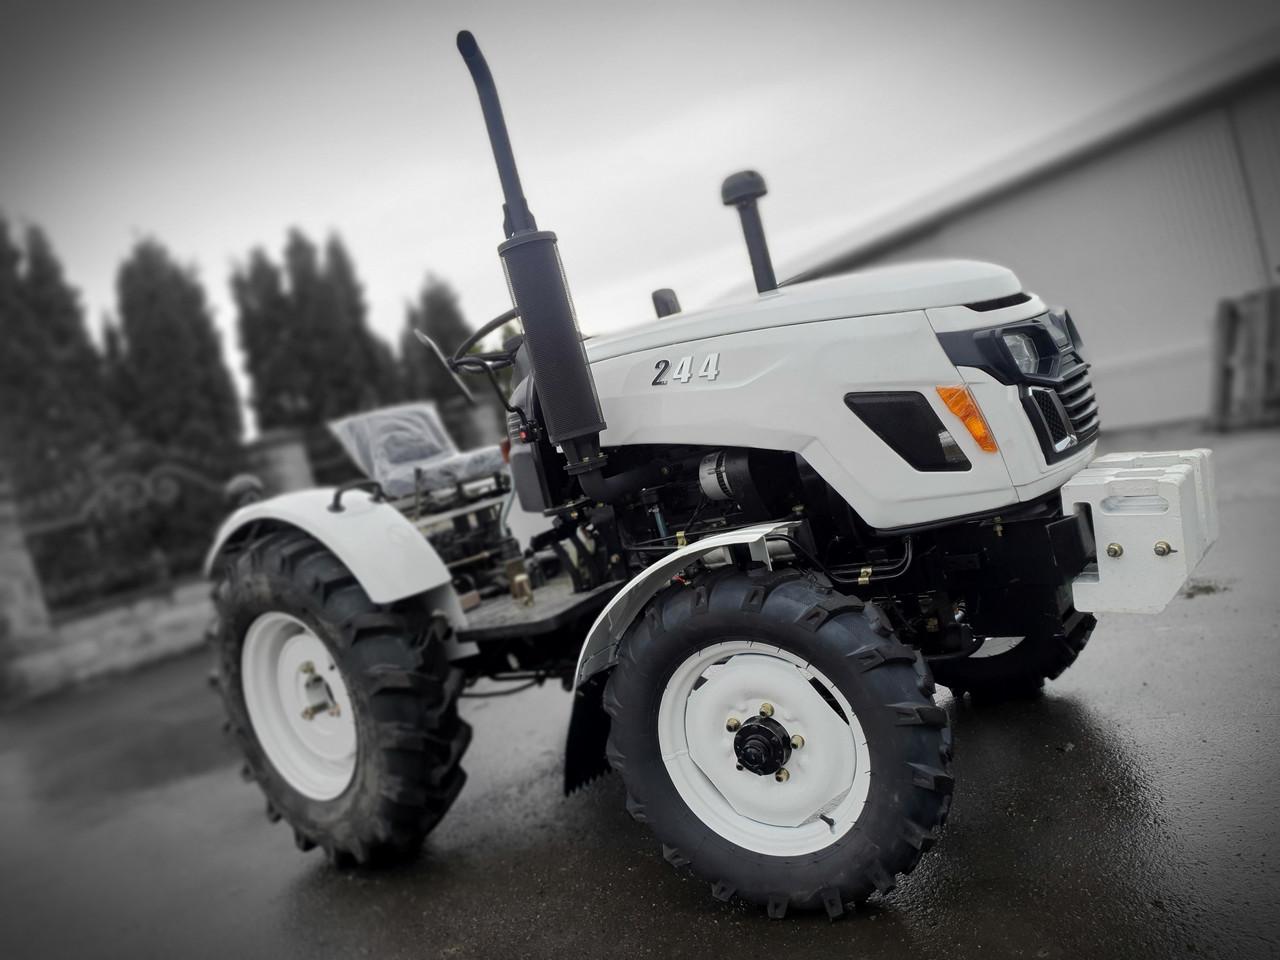 Трактор GS 244 DHX, 3цил, 4х4, гур, ровный пол, широкая колея, широкая резина 11.2-20 Лучше Синтай, Булат, DW